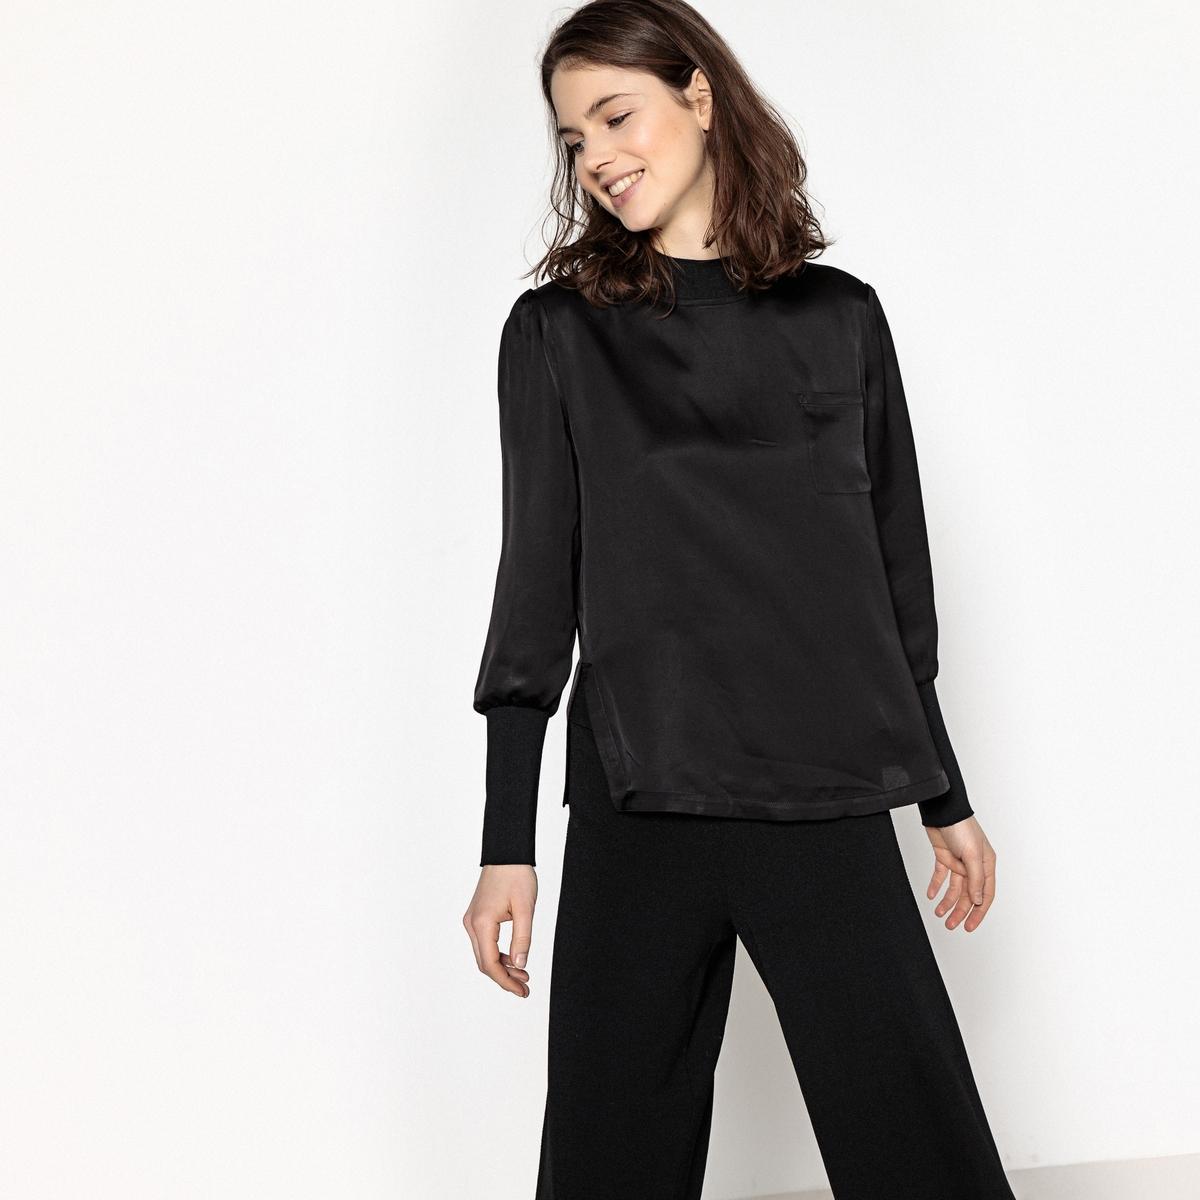 Блузка однотонная со стоячим воротником из двух материалов блузка однотонная со стоячим воротником и нагрудными карманами